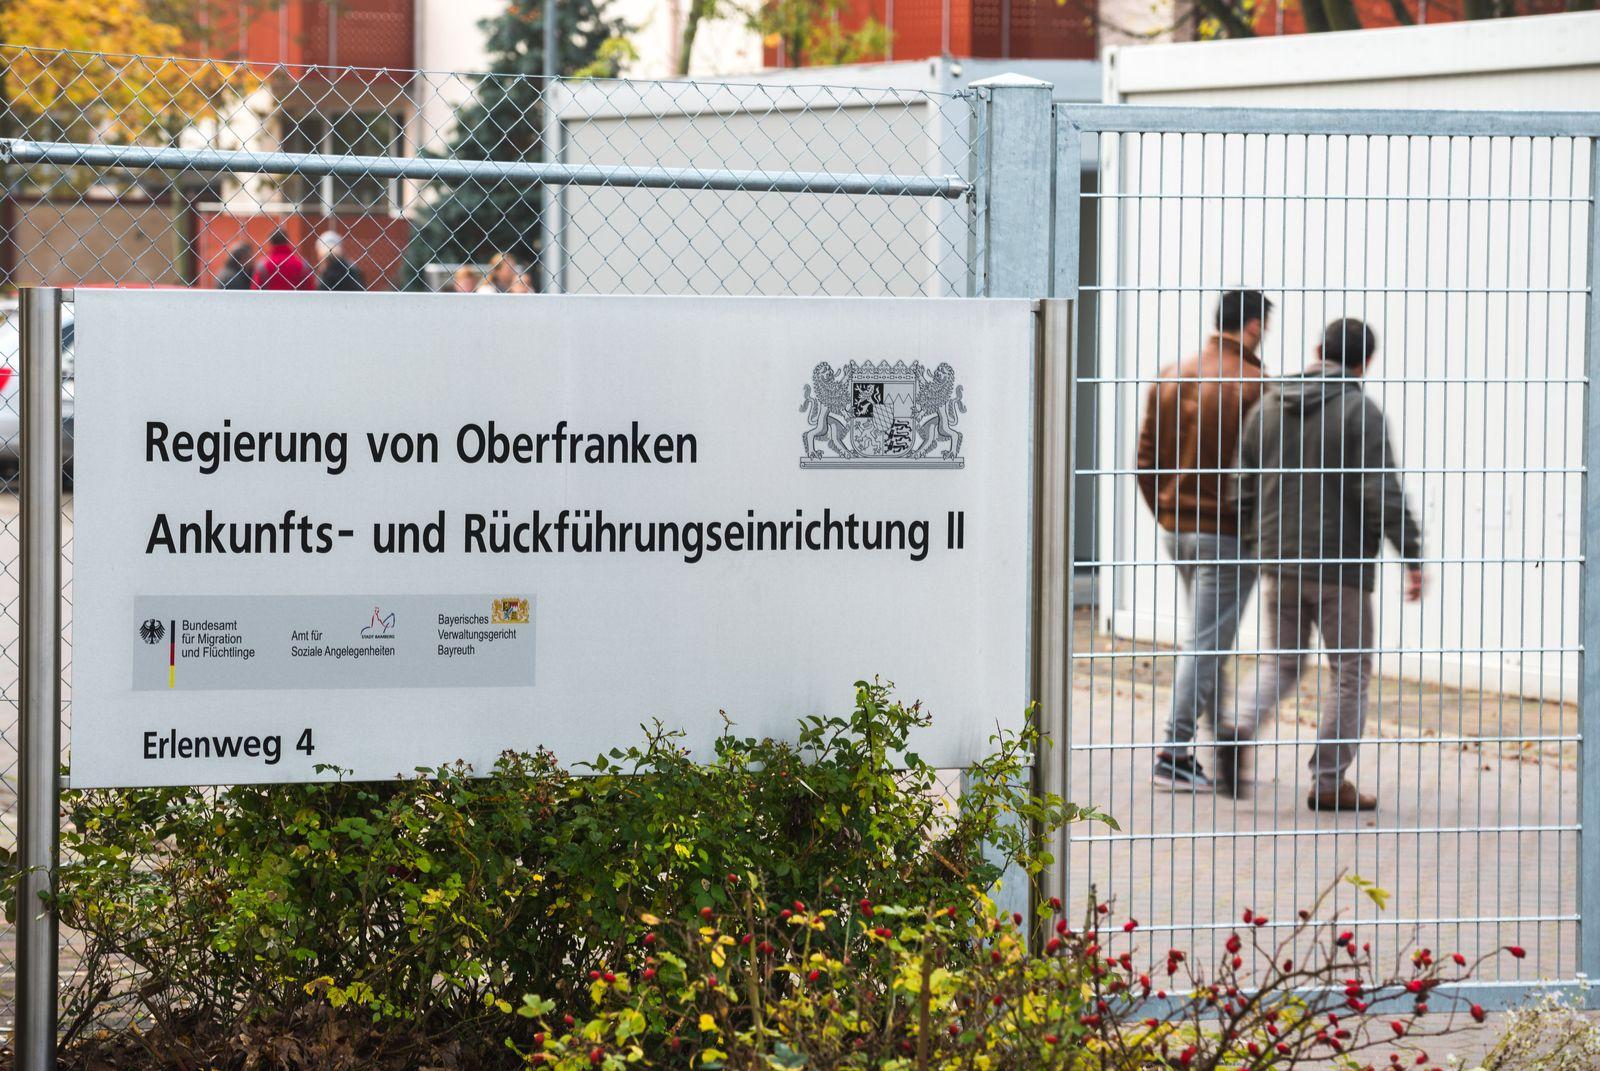 Rückführungseinrichtung für Flüchtlinge in Bamberg